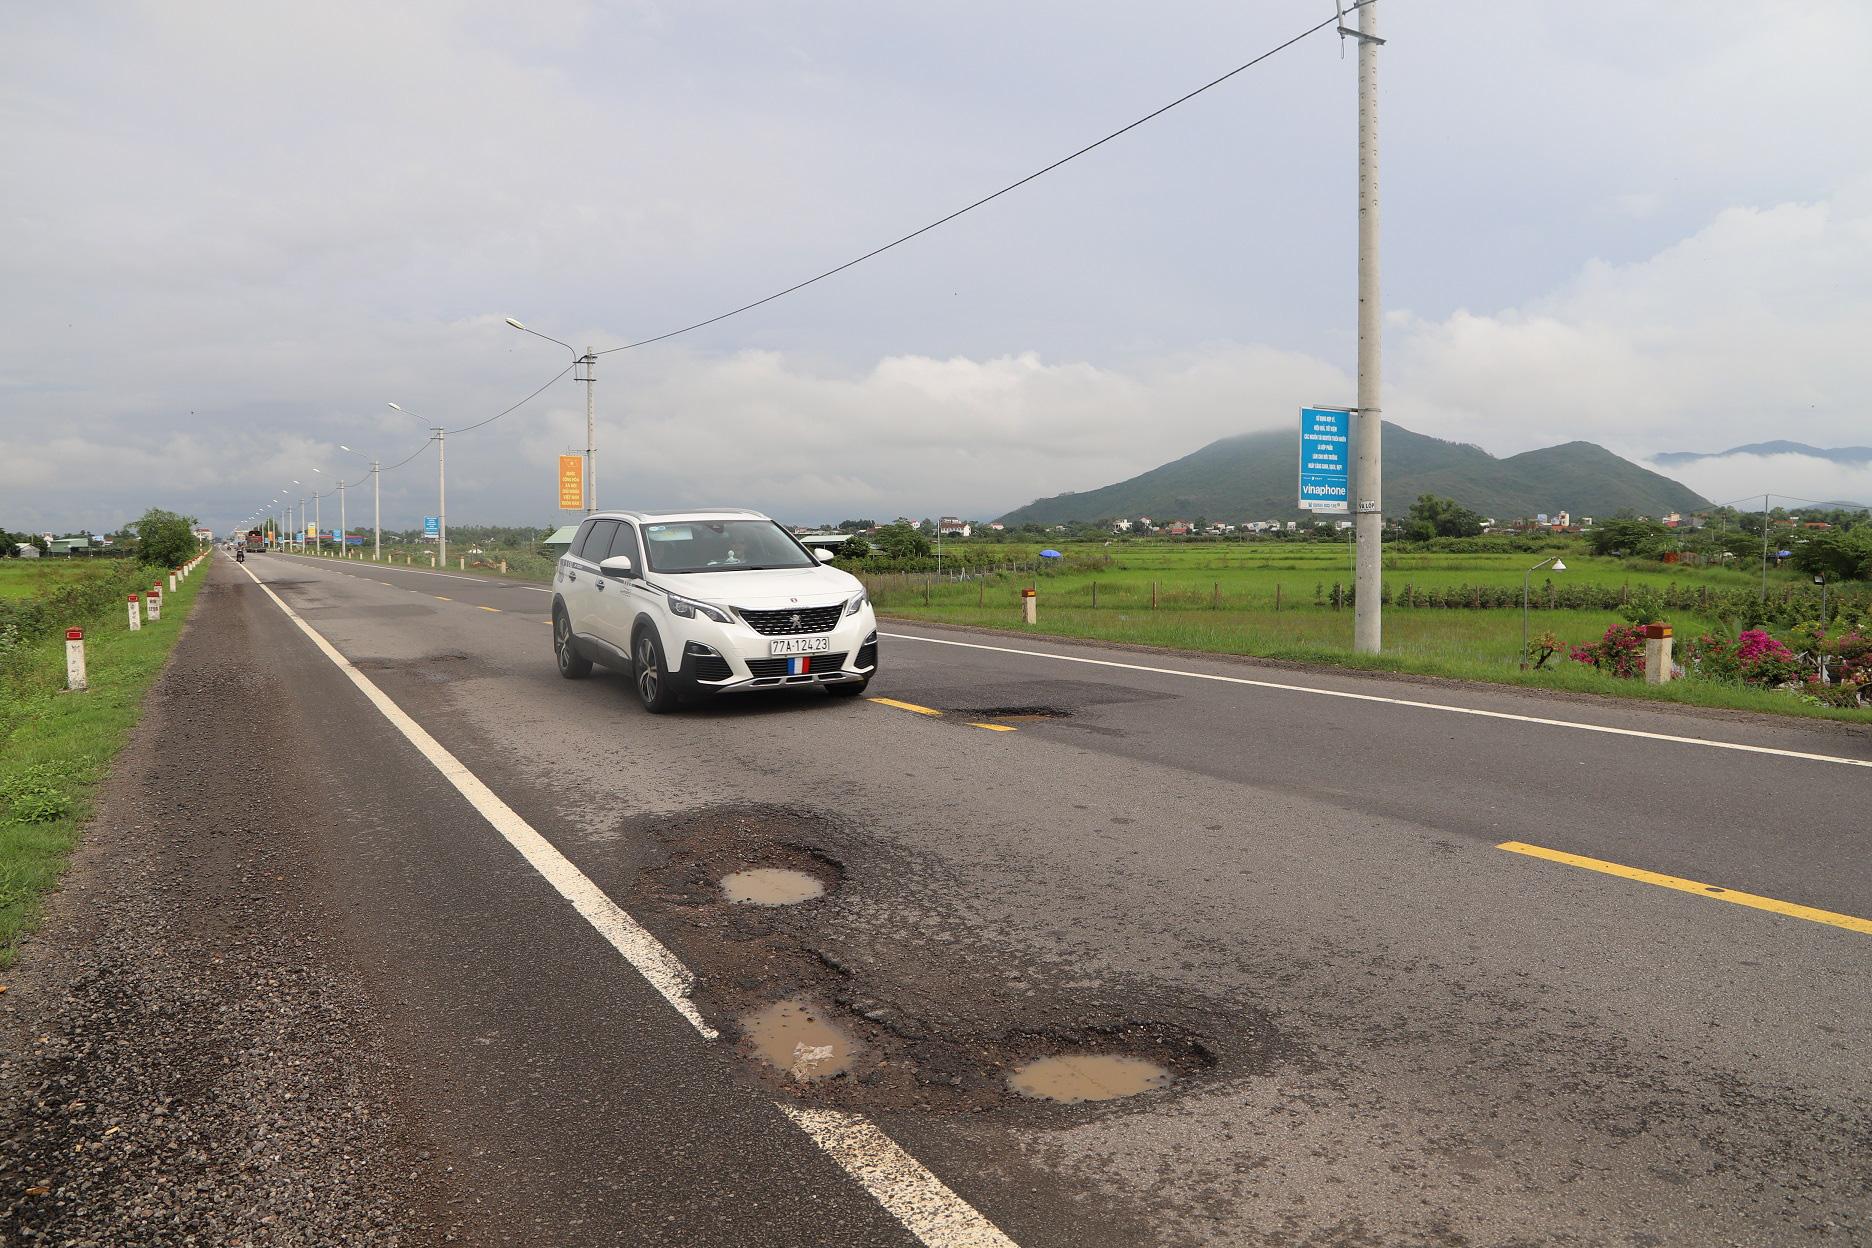 """Quốc lộ 1 ở Bình Định, từng bị gọi là đoạn đường """"xấu nhất Việt Nam""""… xuất hiện """"ổ voi, ổ gà""""  - Ảnh 4."""